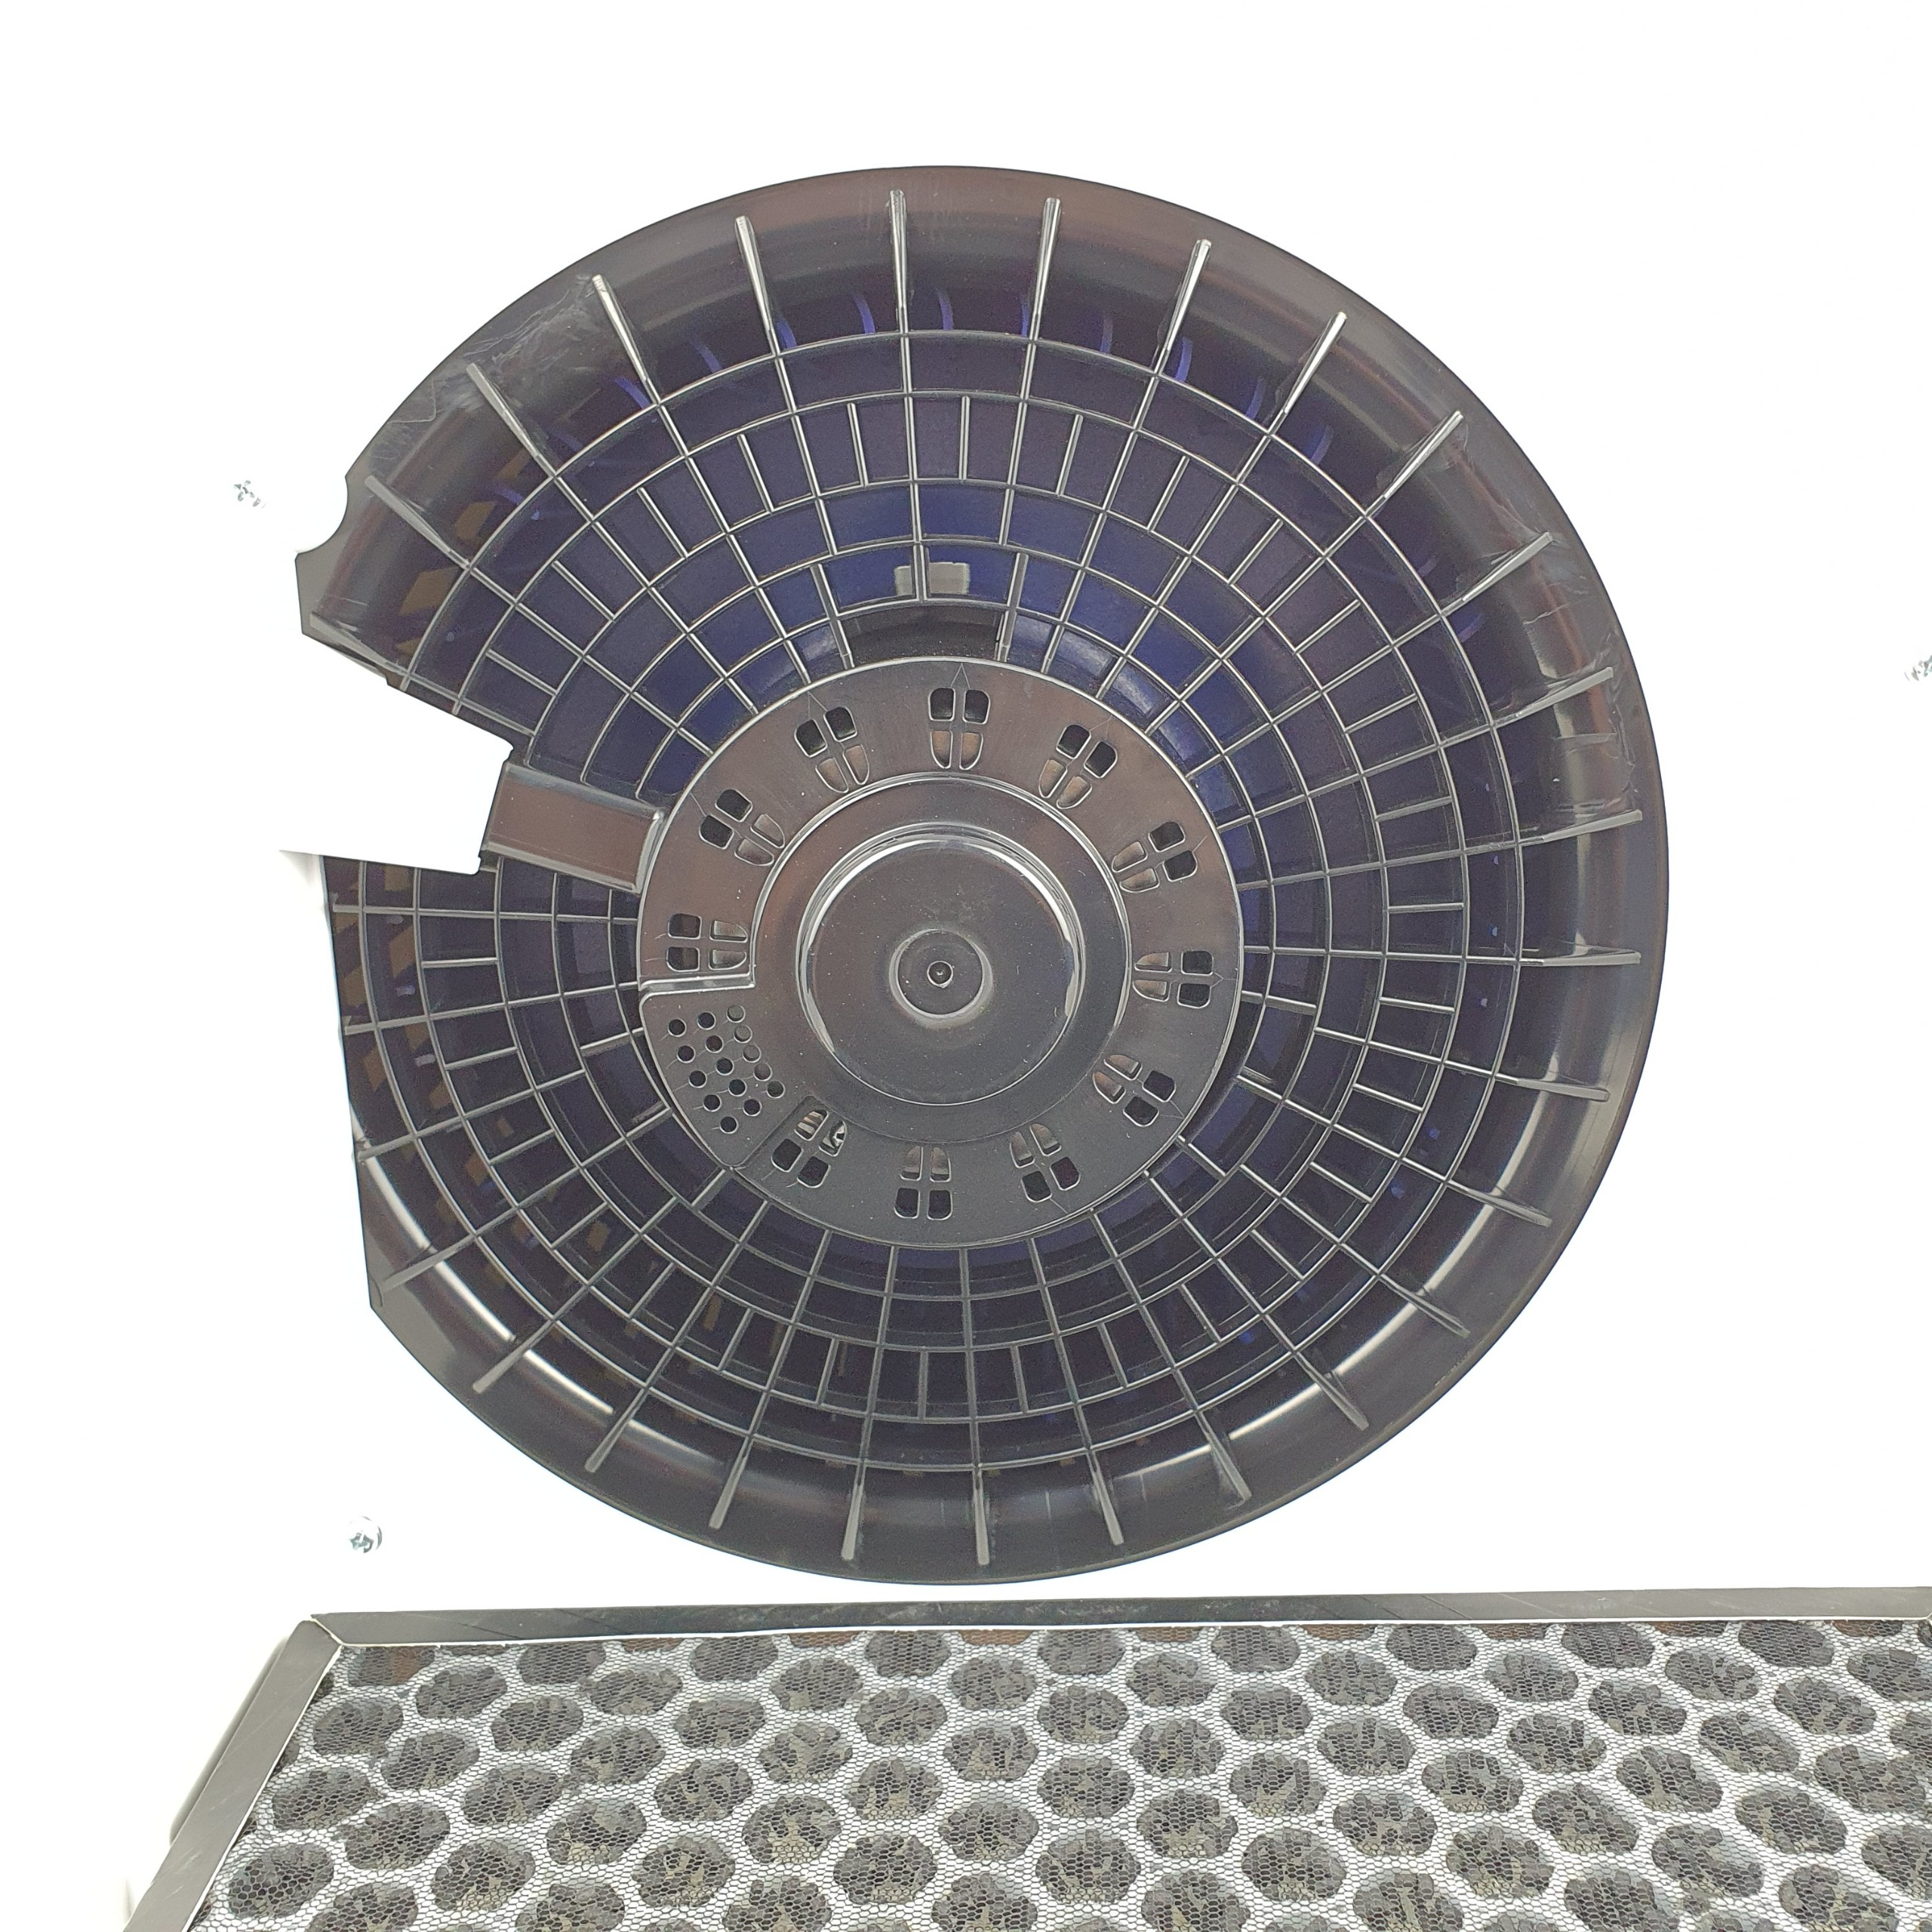 Máy Lọc Không Khí Midea MAP-350GS1 Lọc Bụi, Khói Thuốc, Ngăn Chặn Vi Khuẩn, Tạo Ion Âm Cho Diện Tích 28-43 m² -Hàng Chính Hãng